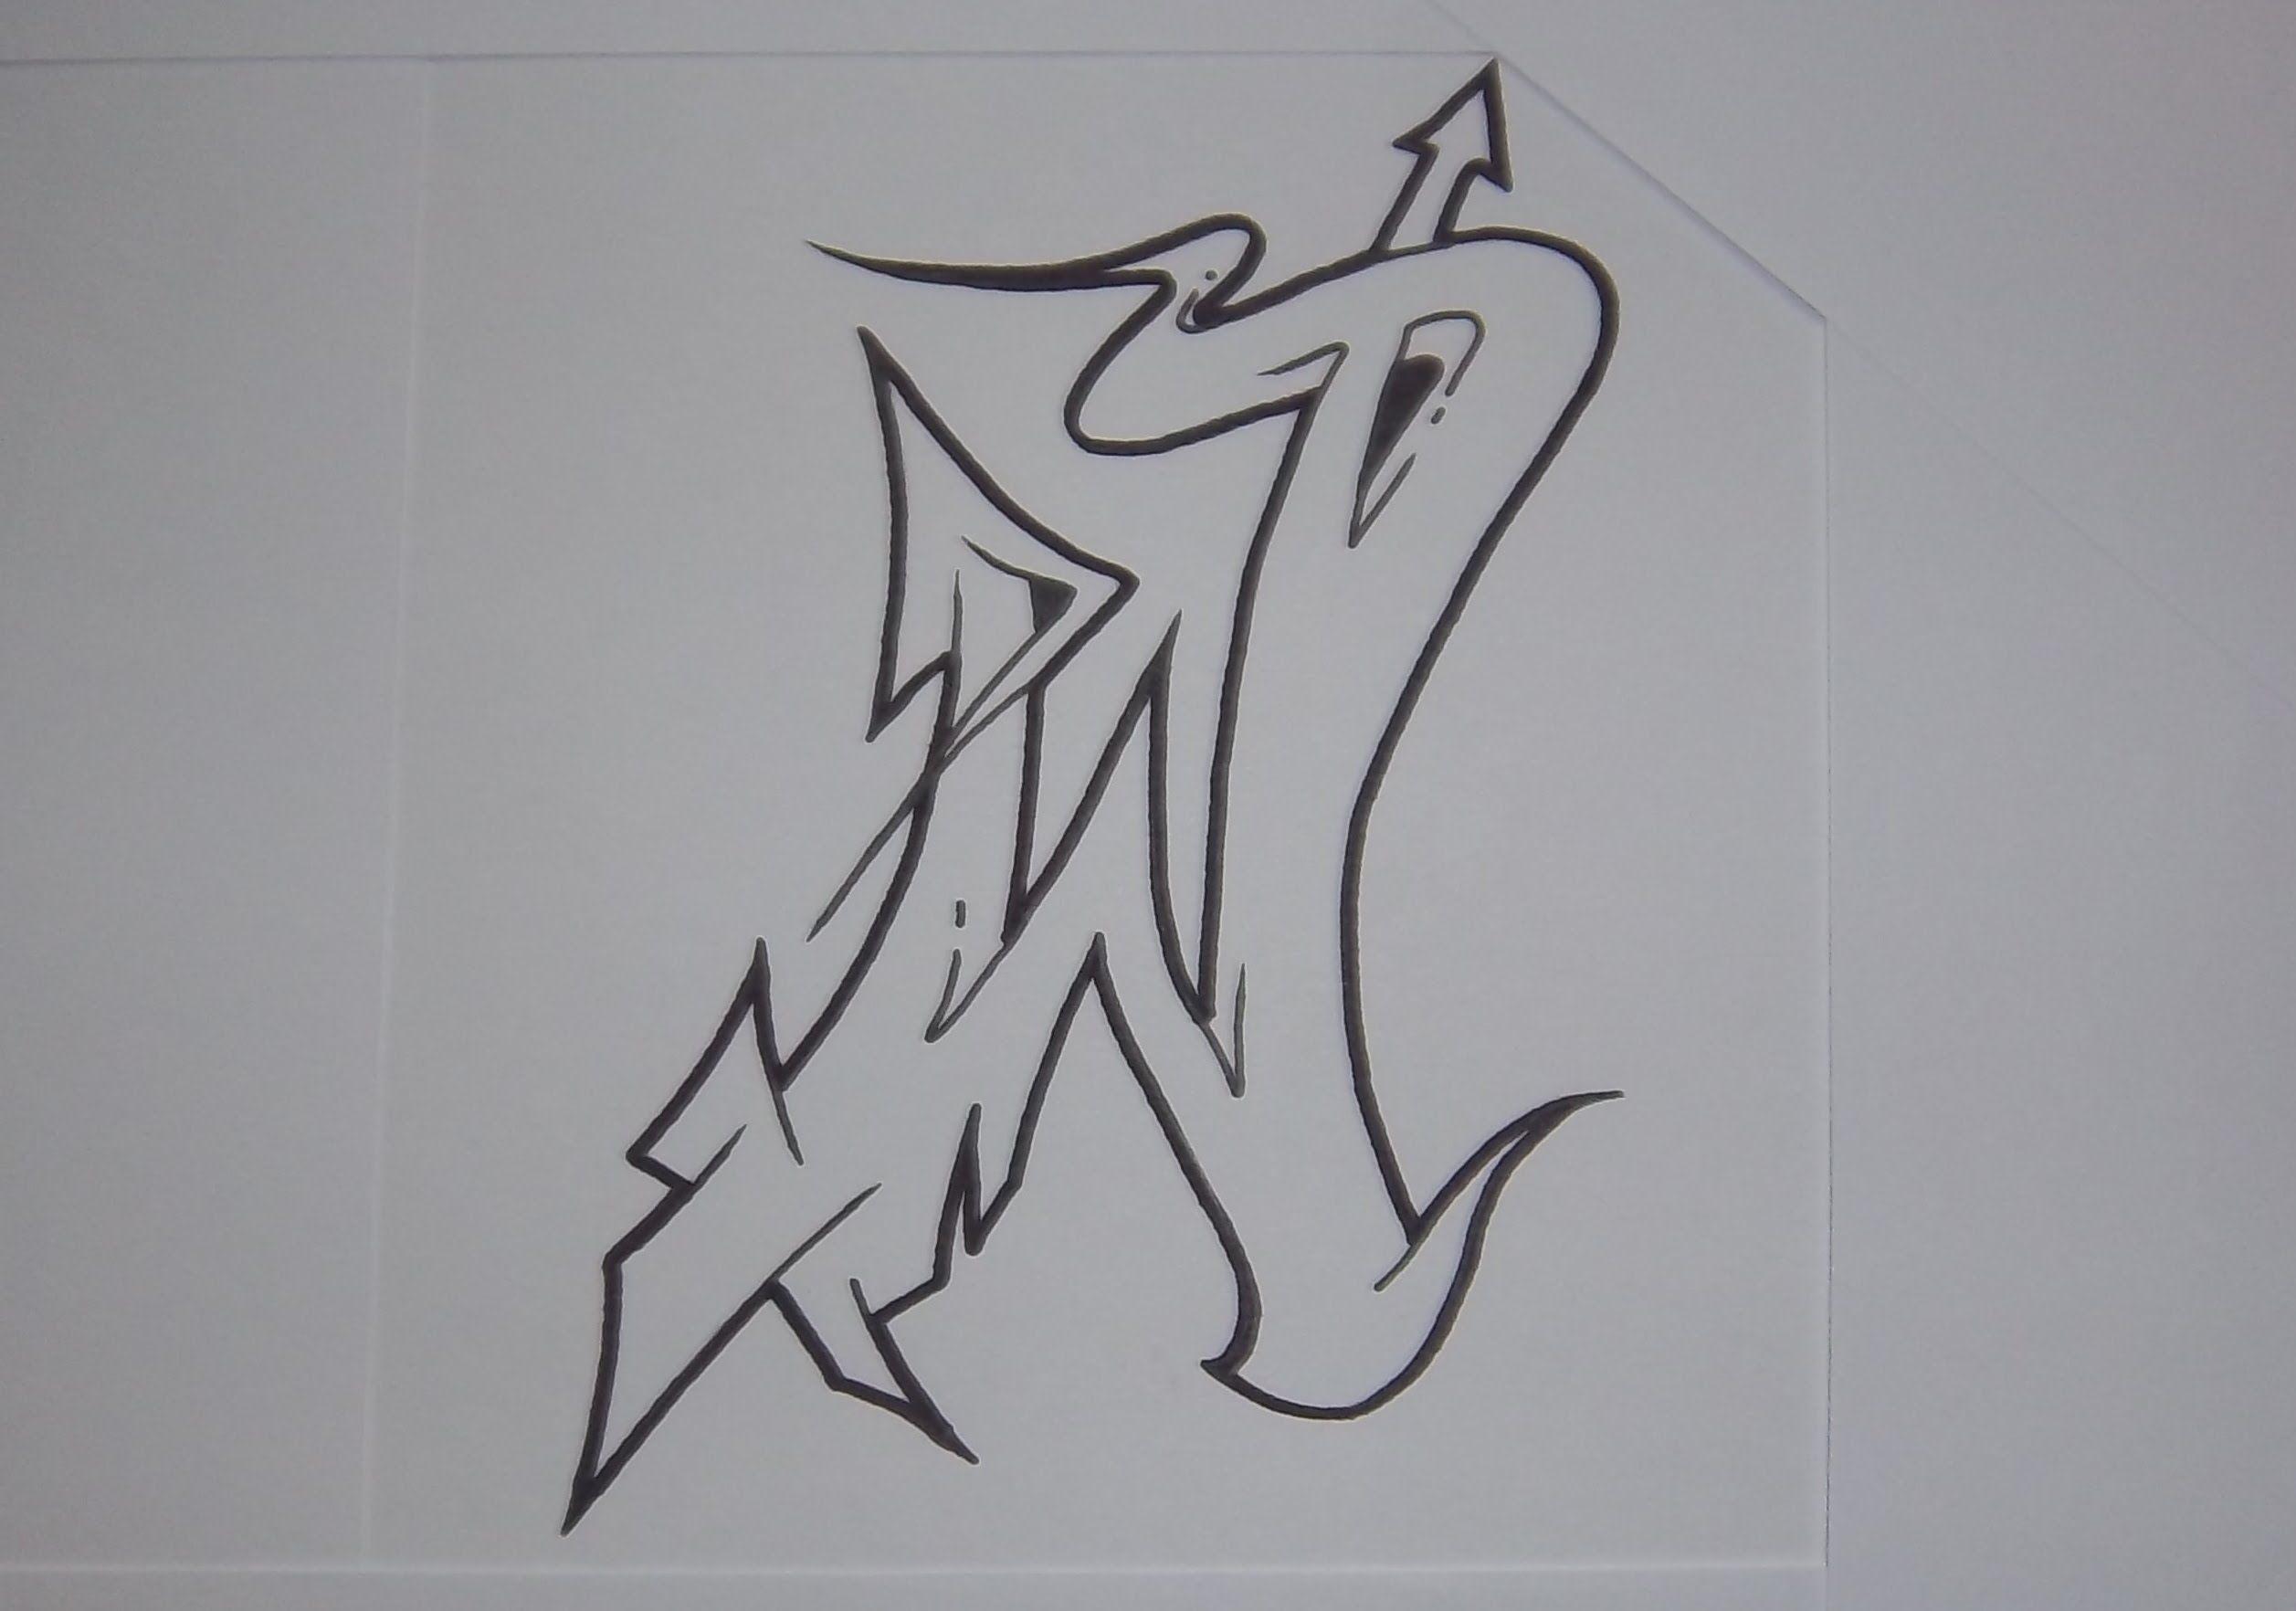 Alphabet Graffiti N 1 Semi Wildstyle Letters Hd Youtube Graffiti Lettering Graffiti Lettering Alphabet Graffiti Text